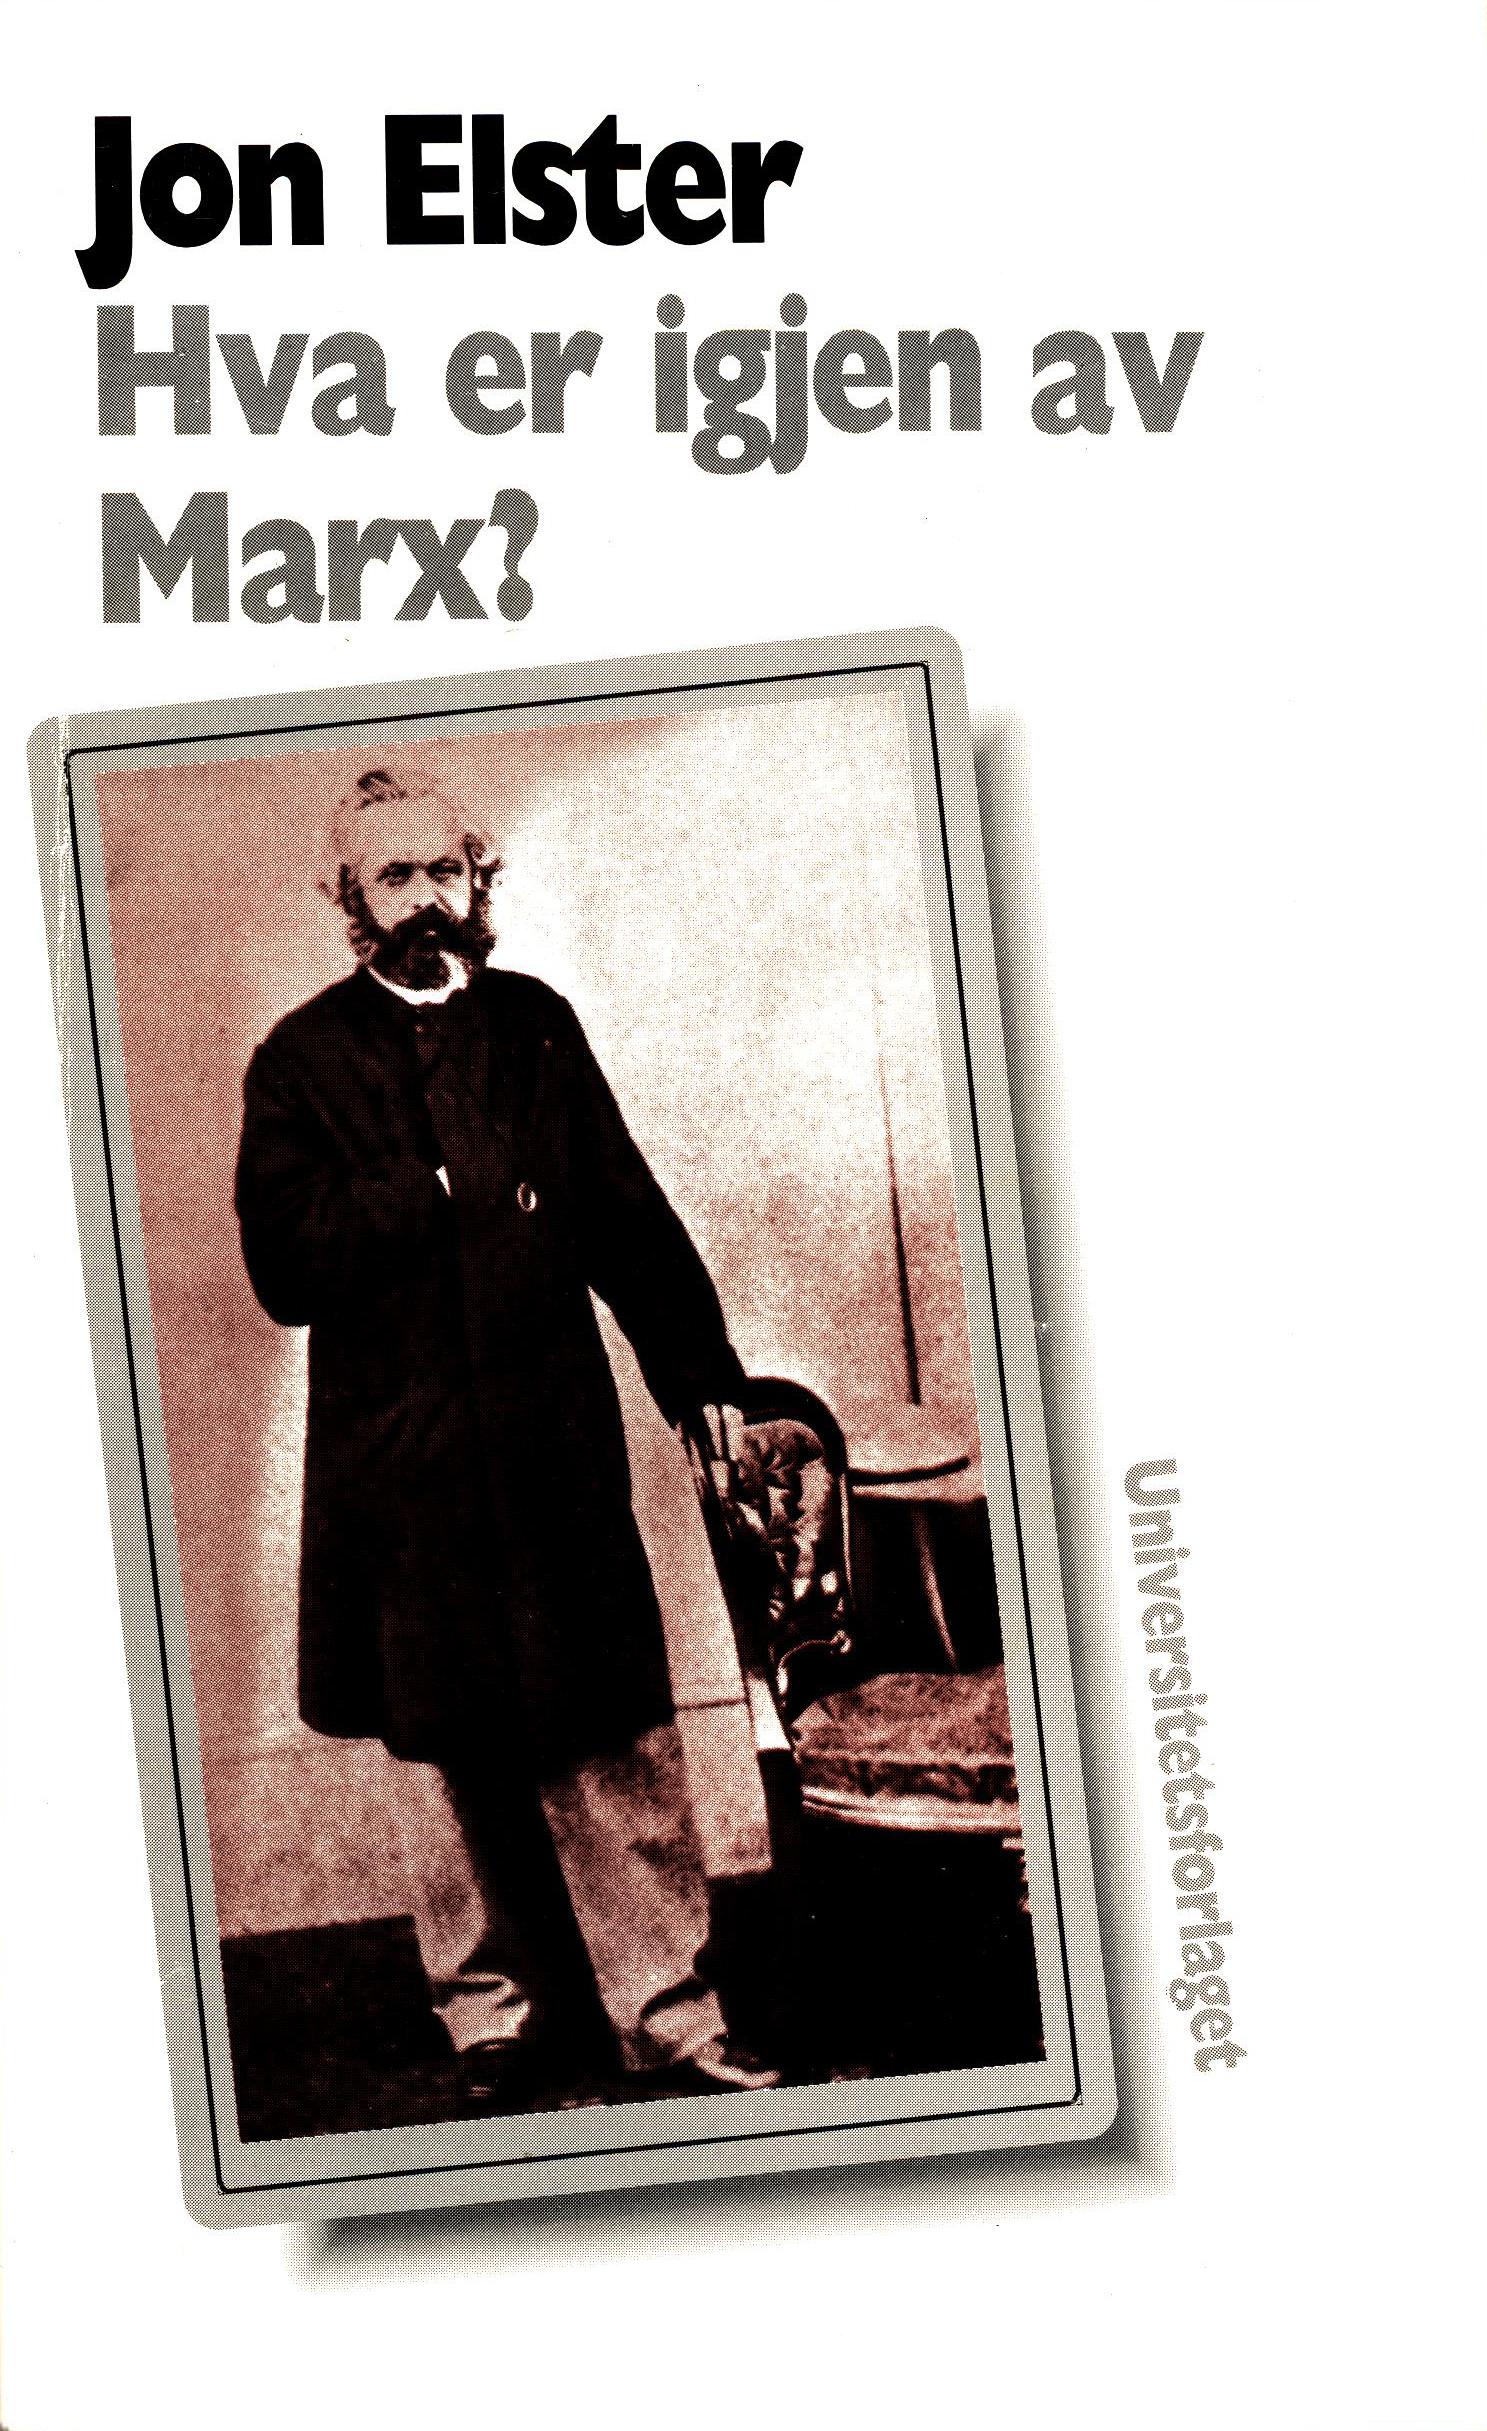 Jon Elster: Hva er igjen av Marx?